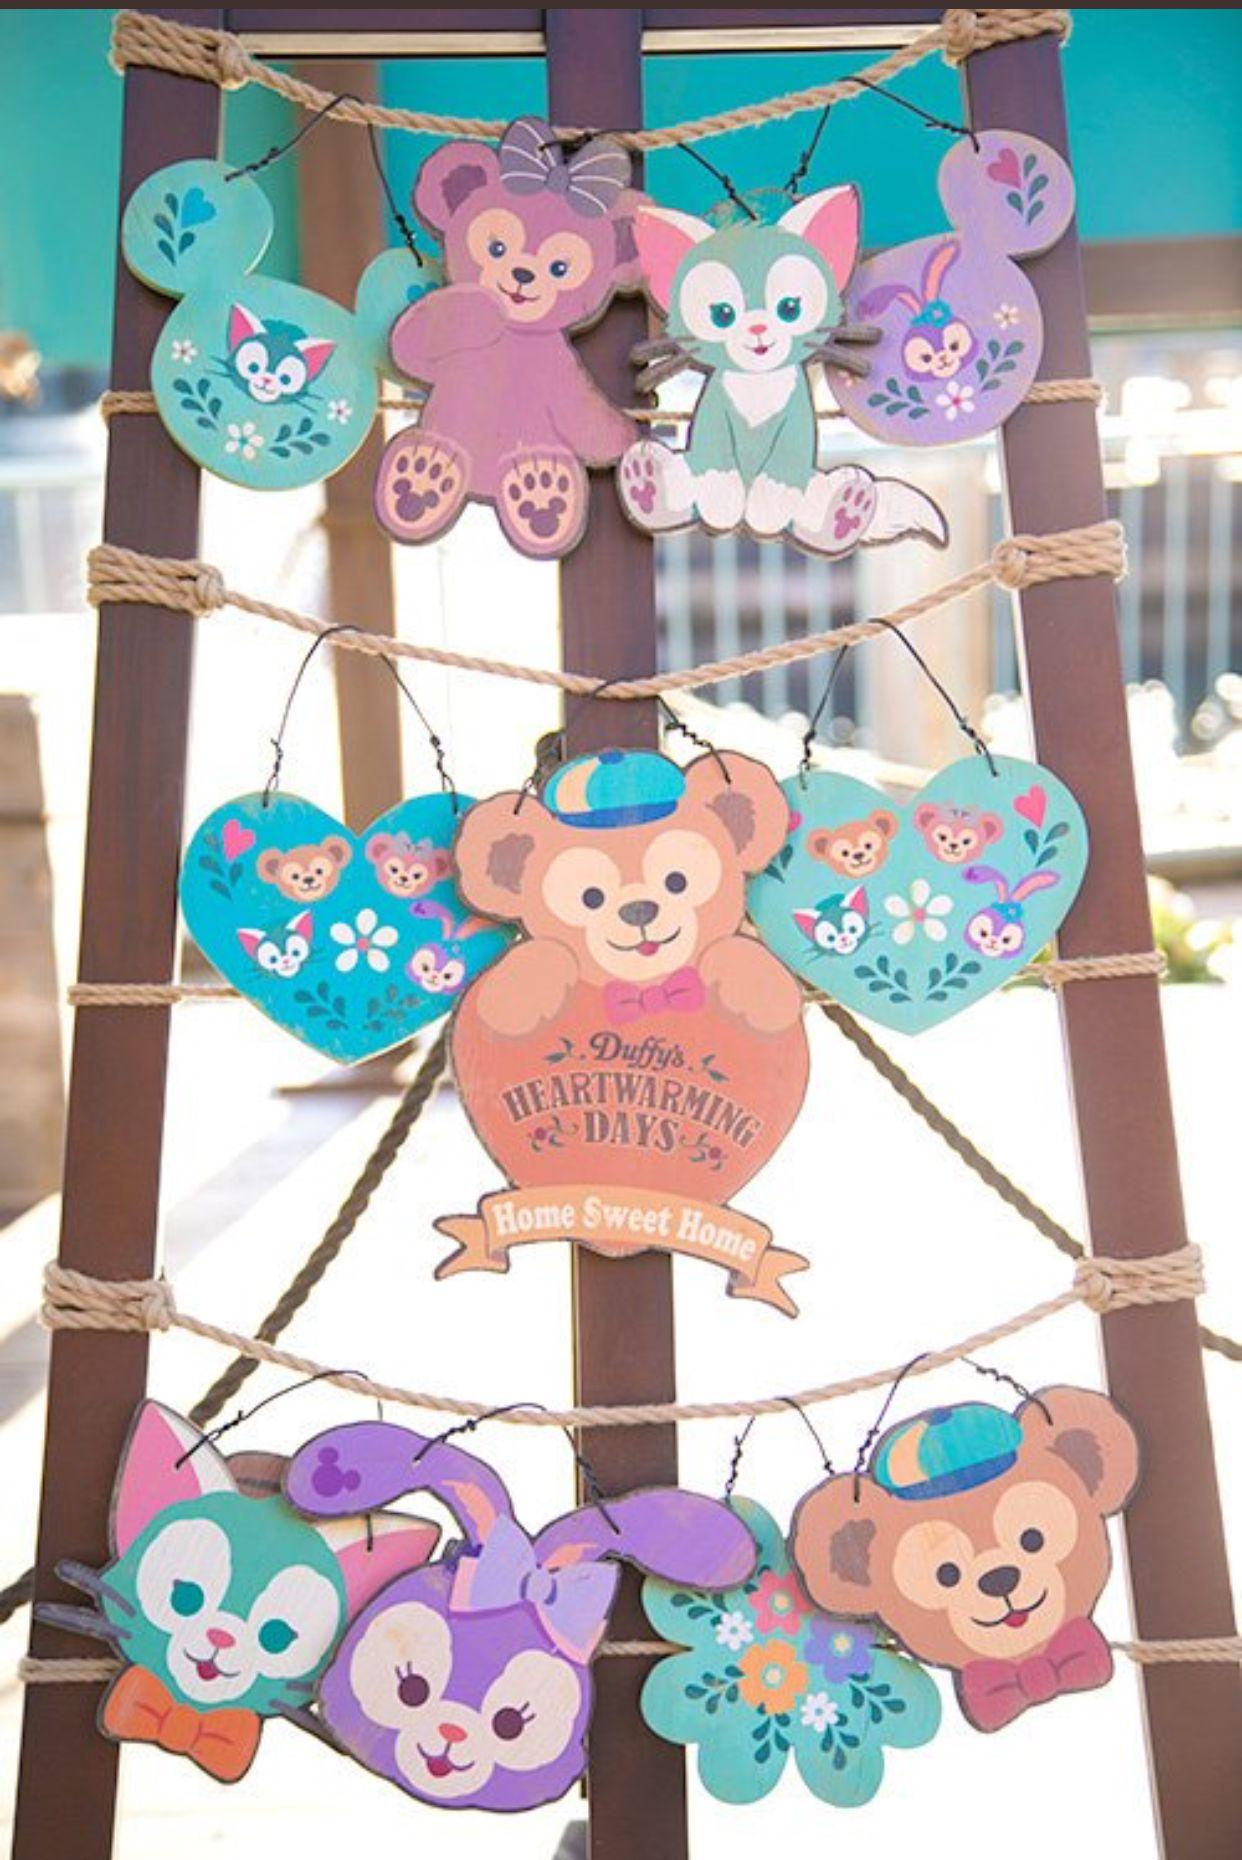 Pin by metra reid on duffy the disney bear - Amy reid wallpaper ...